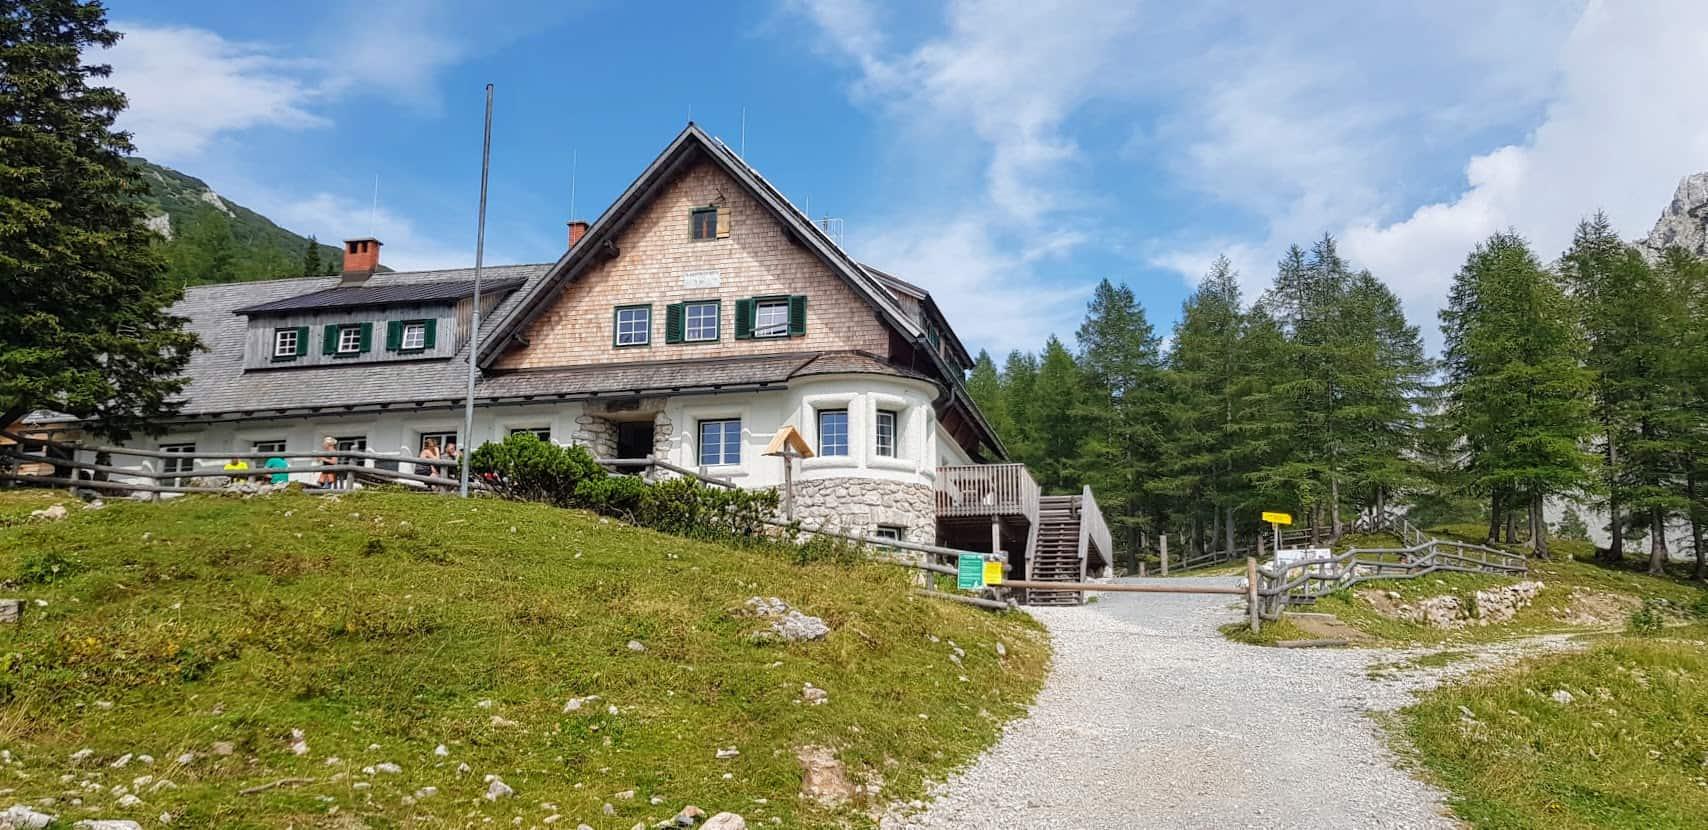 Wandern in Kärnten zur Klagenfurter Hütte im Bärental - Ausflugstipp in der Carnica Region Rosental